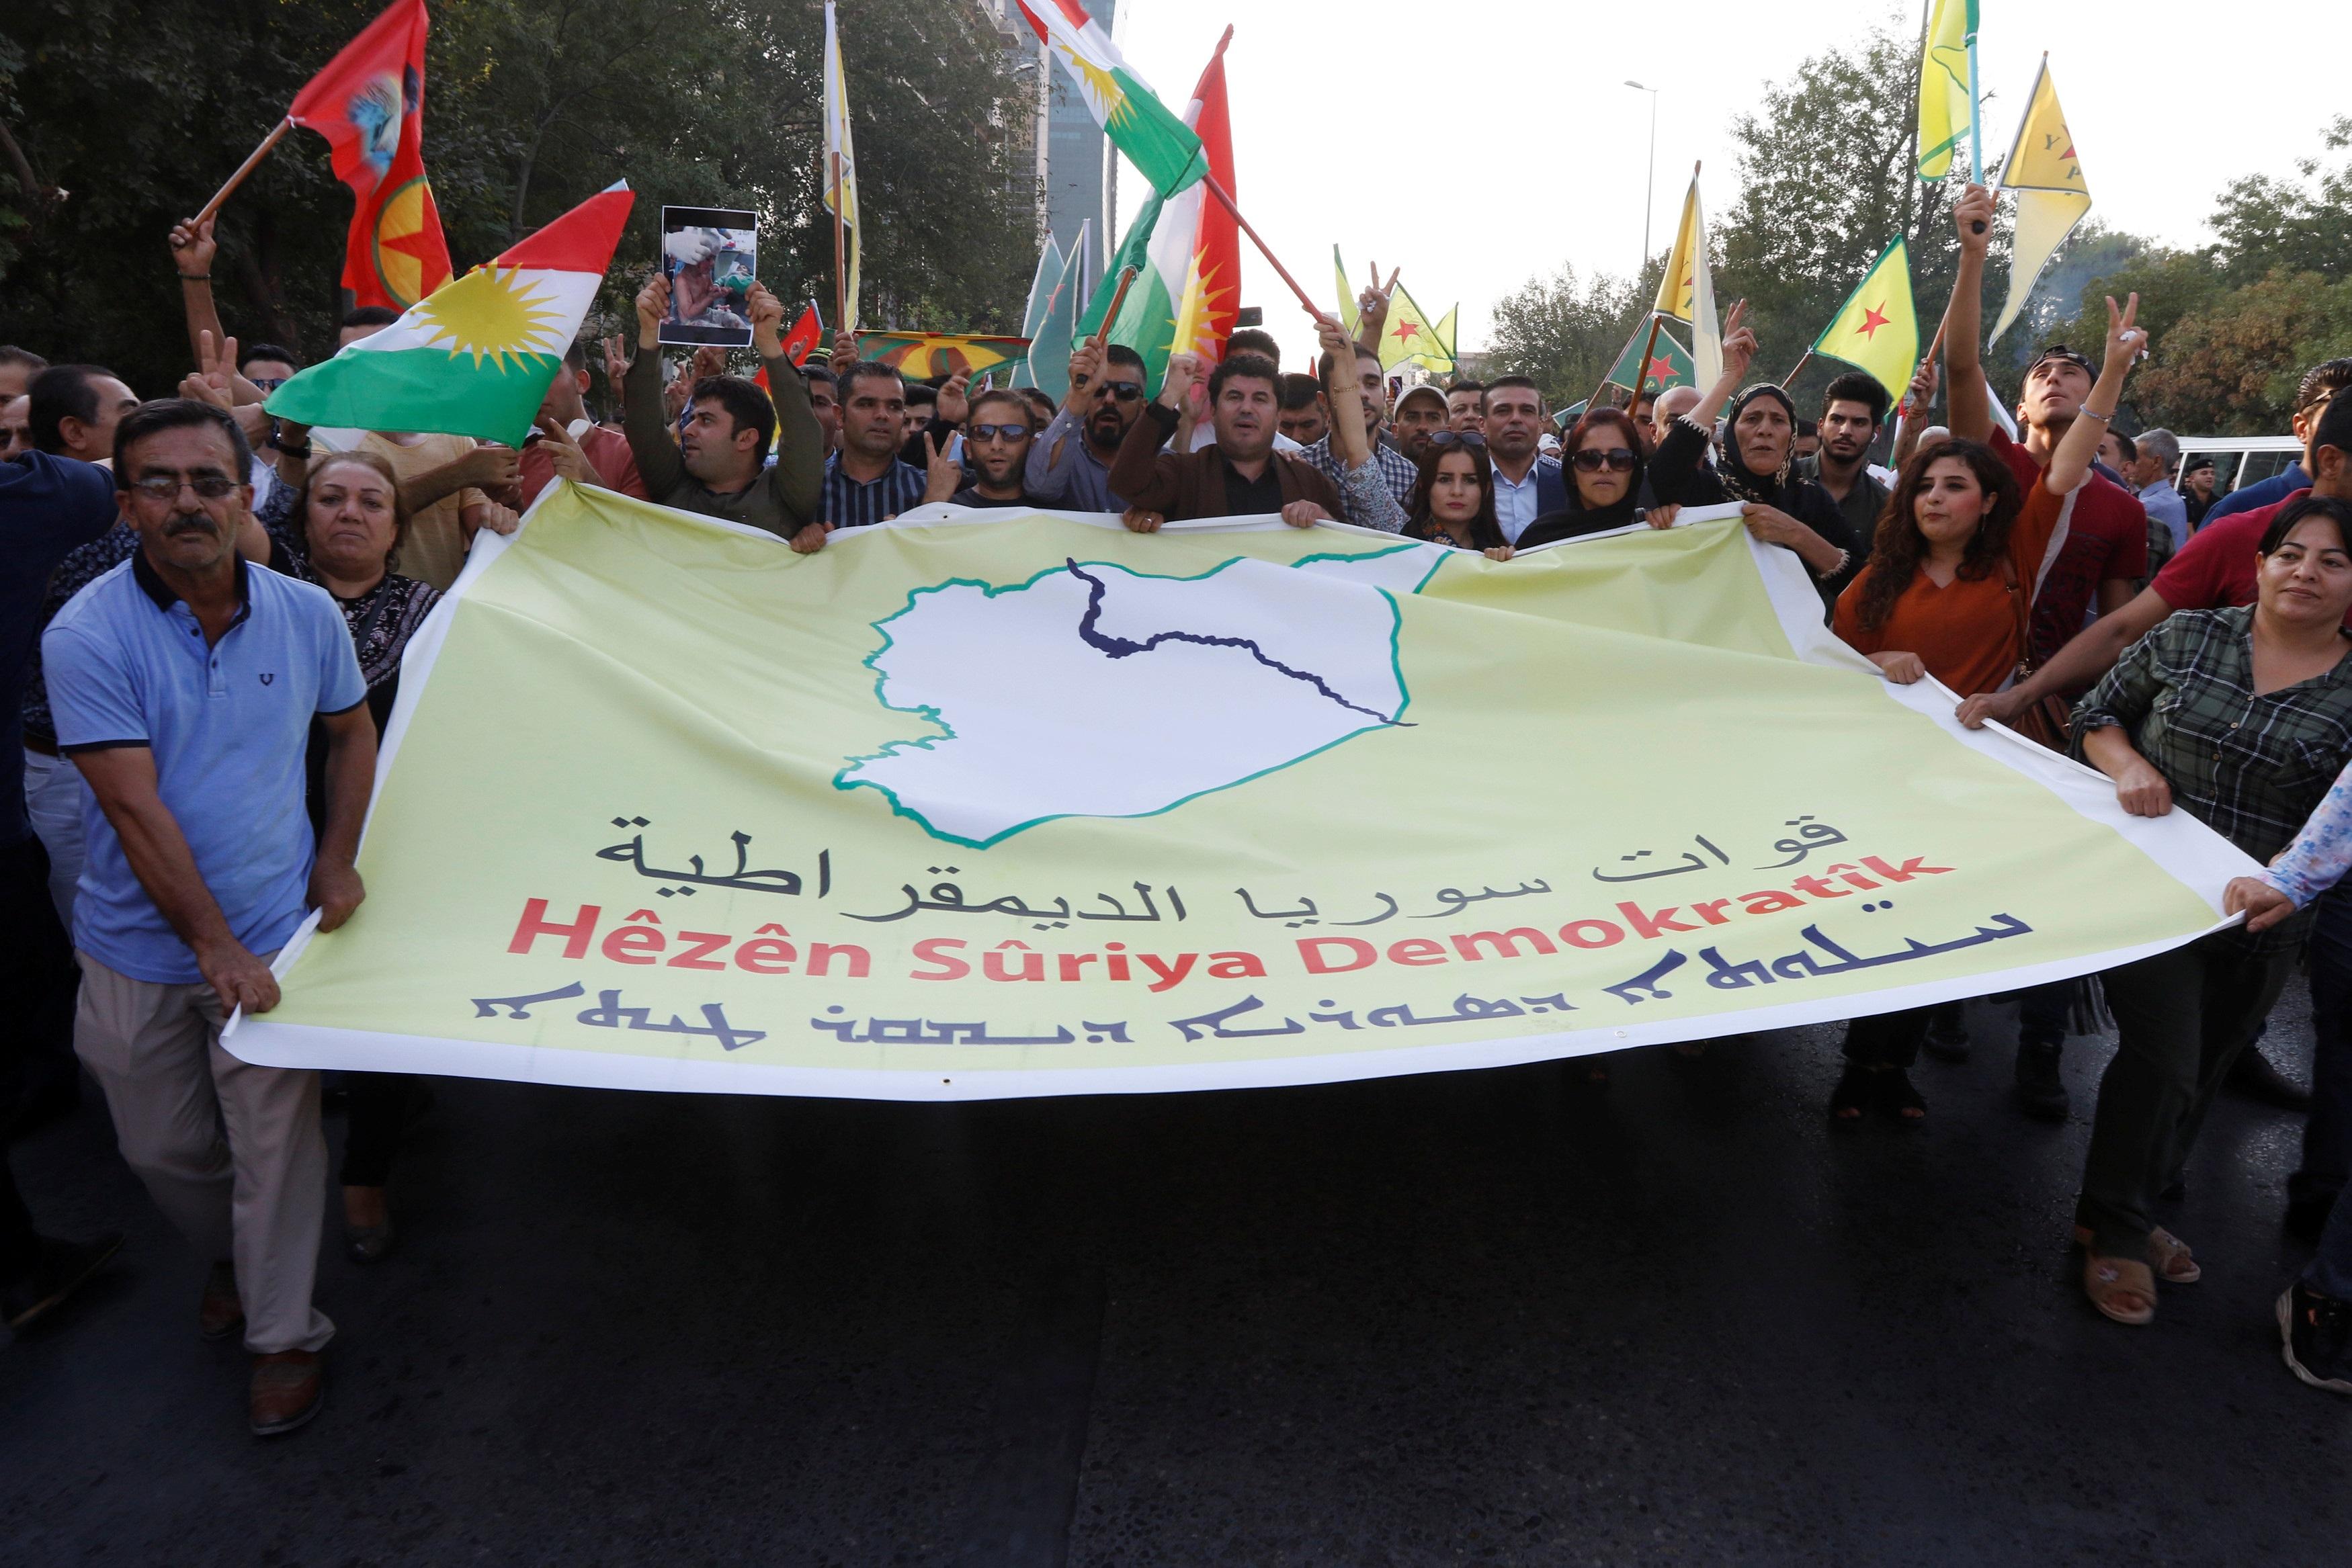 Διπλωματικός πυρετός στη Μόσχα για την τουρκική εισβολή στη Συρία